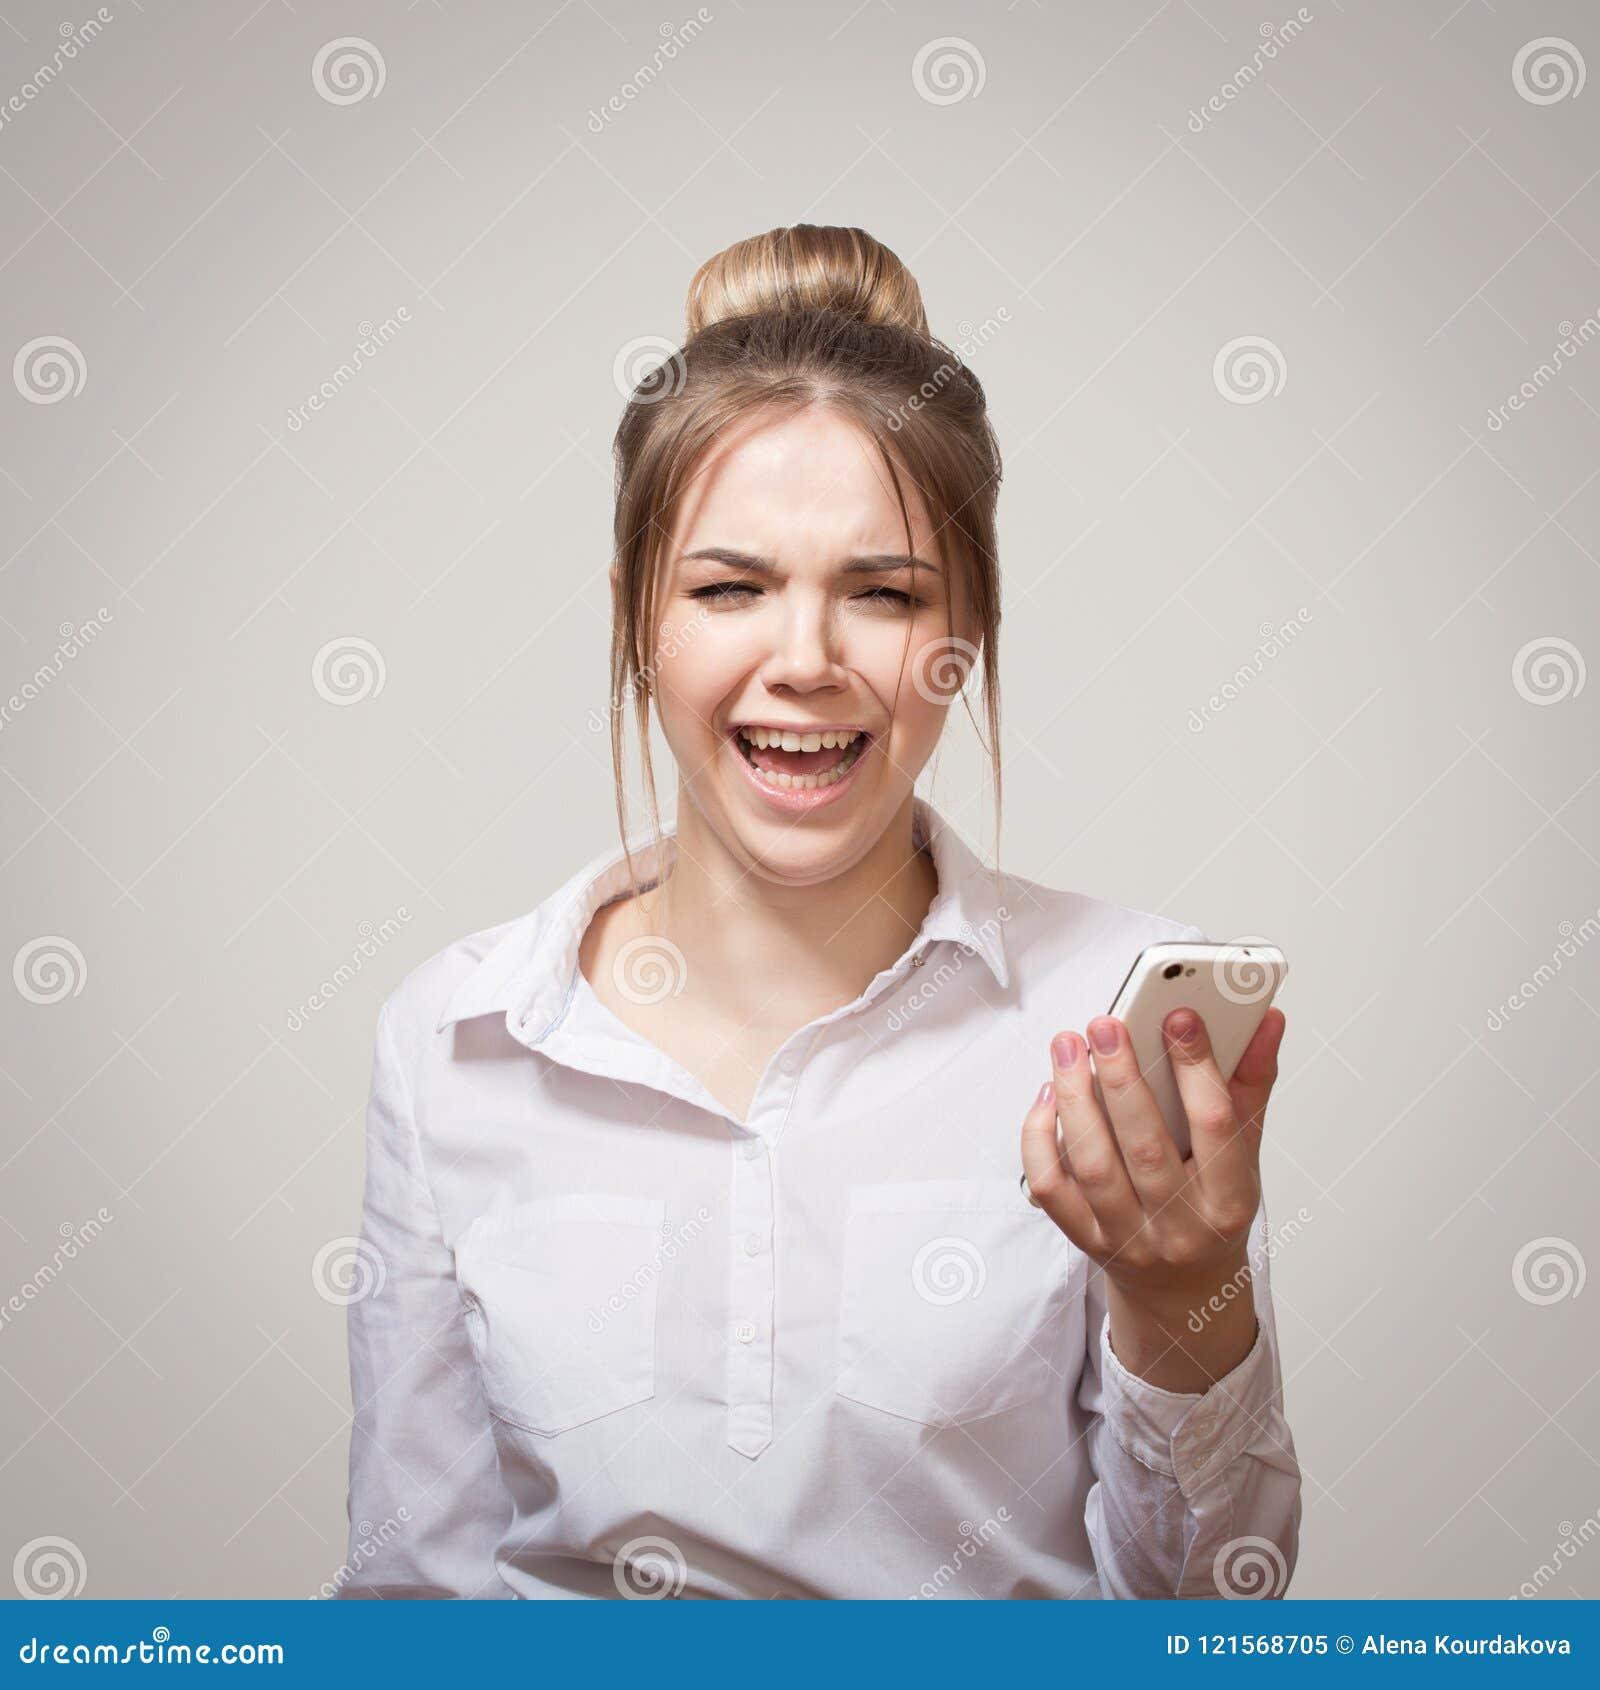 Frustrierte Frau mit Telefon